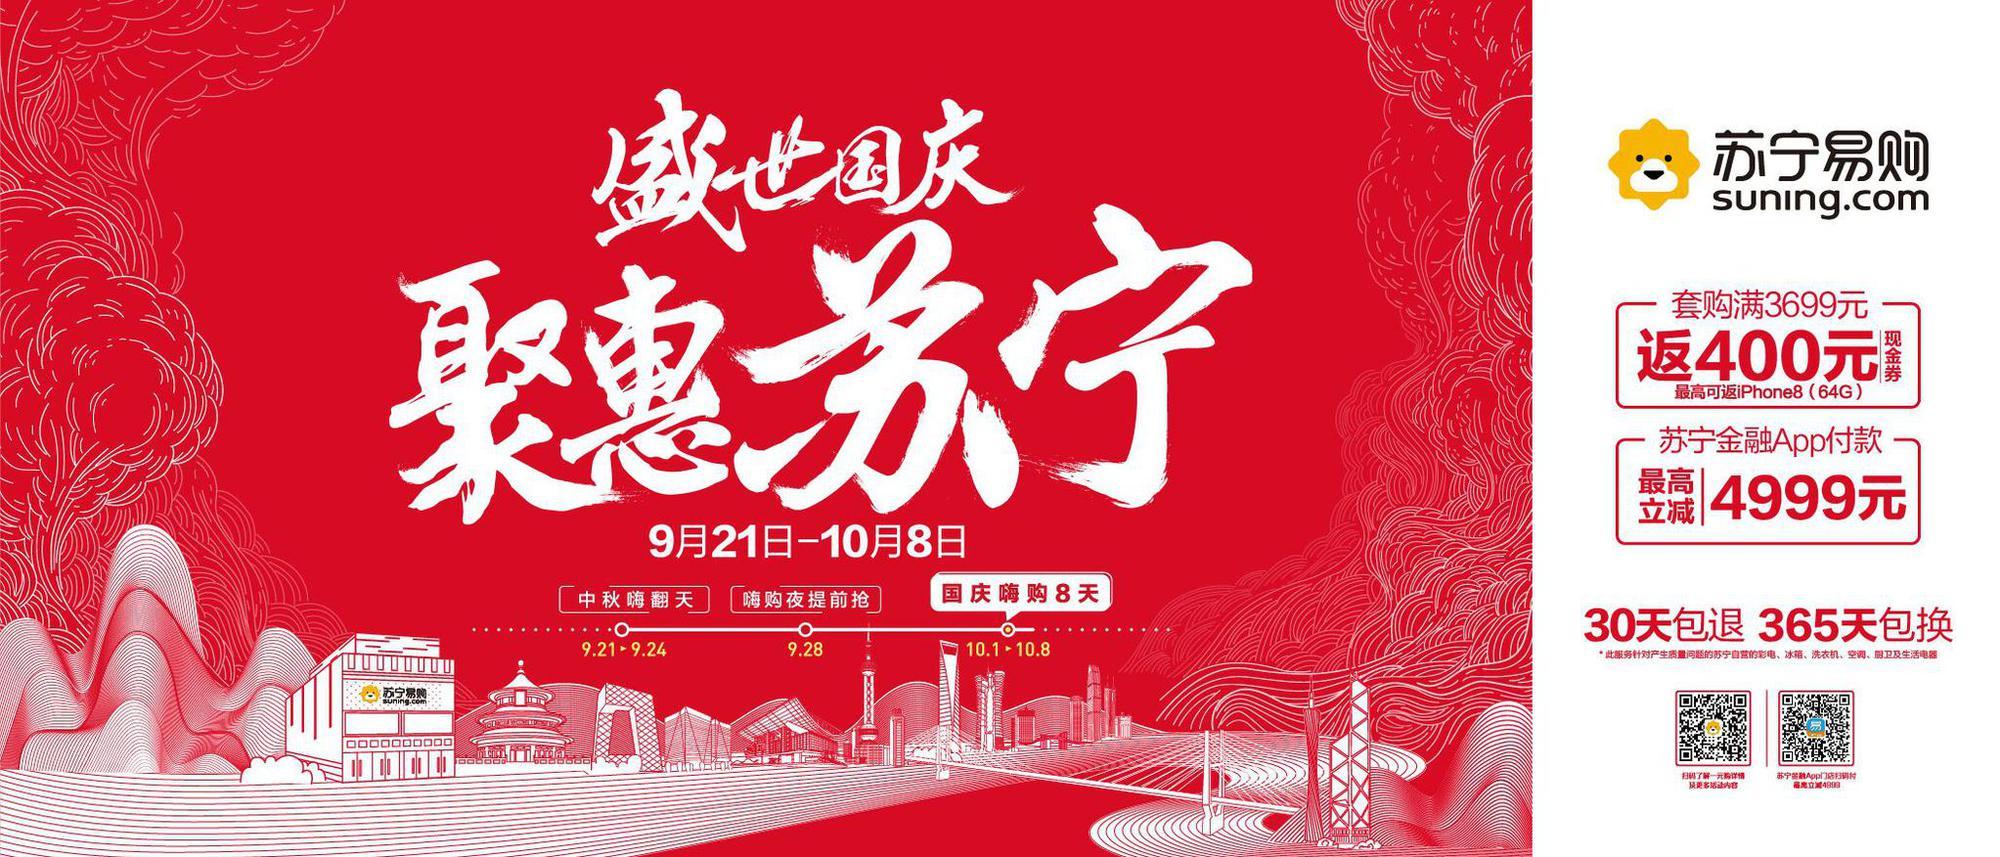 国庆来苏宁,最高可返iPhone8